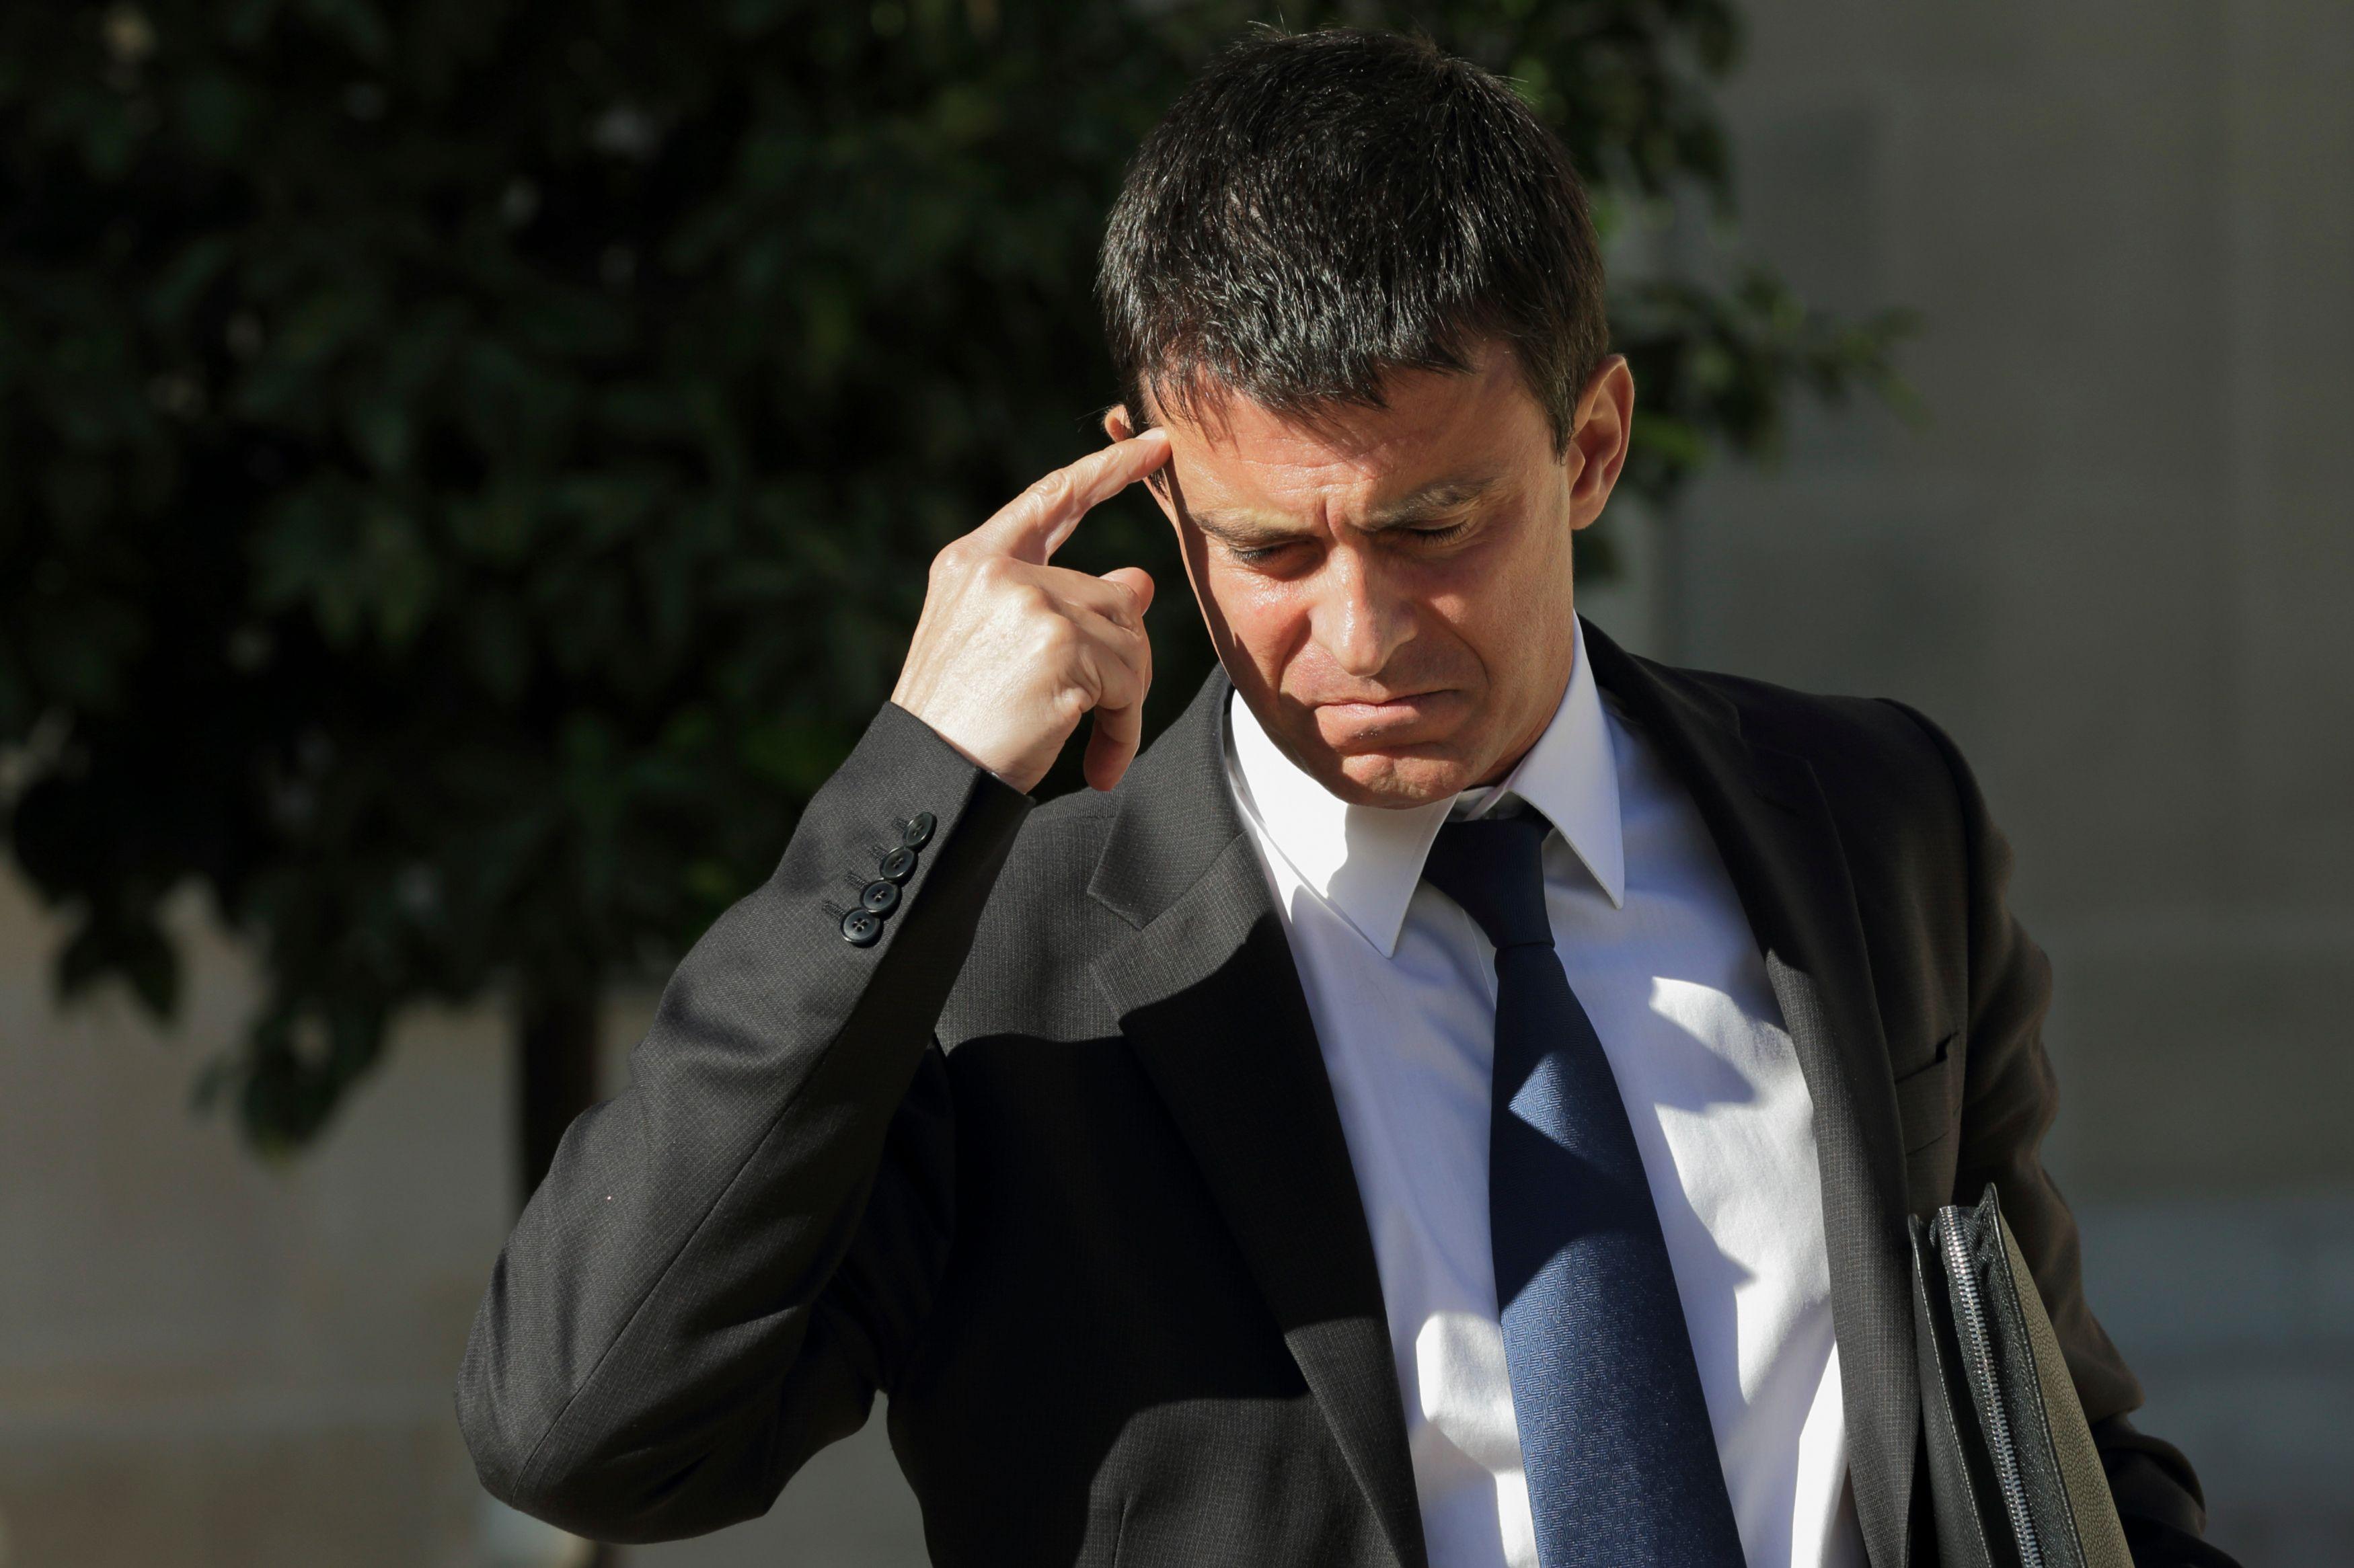 Le coût mensuel des rémunérations des ministres et des secrétaires d'Etat aura augmenté de 40 257 euros entre le gouvernement Valls II et le gouvernement Ayrault I